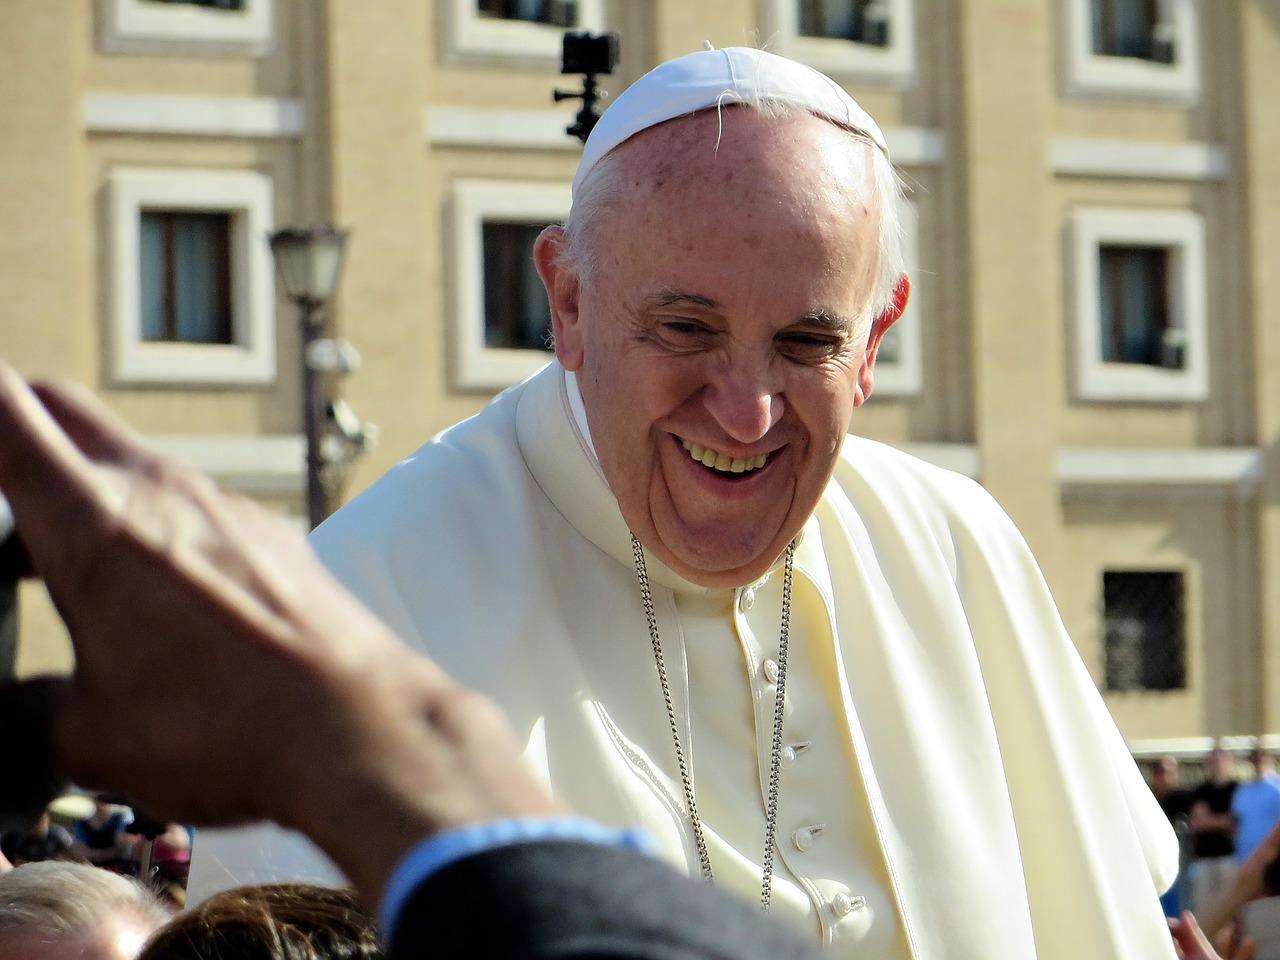 Papież Franciszek cichym mediatorem